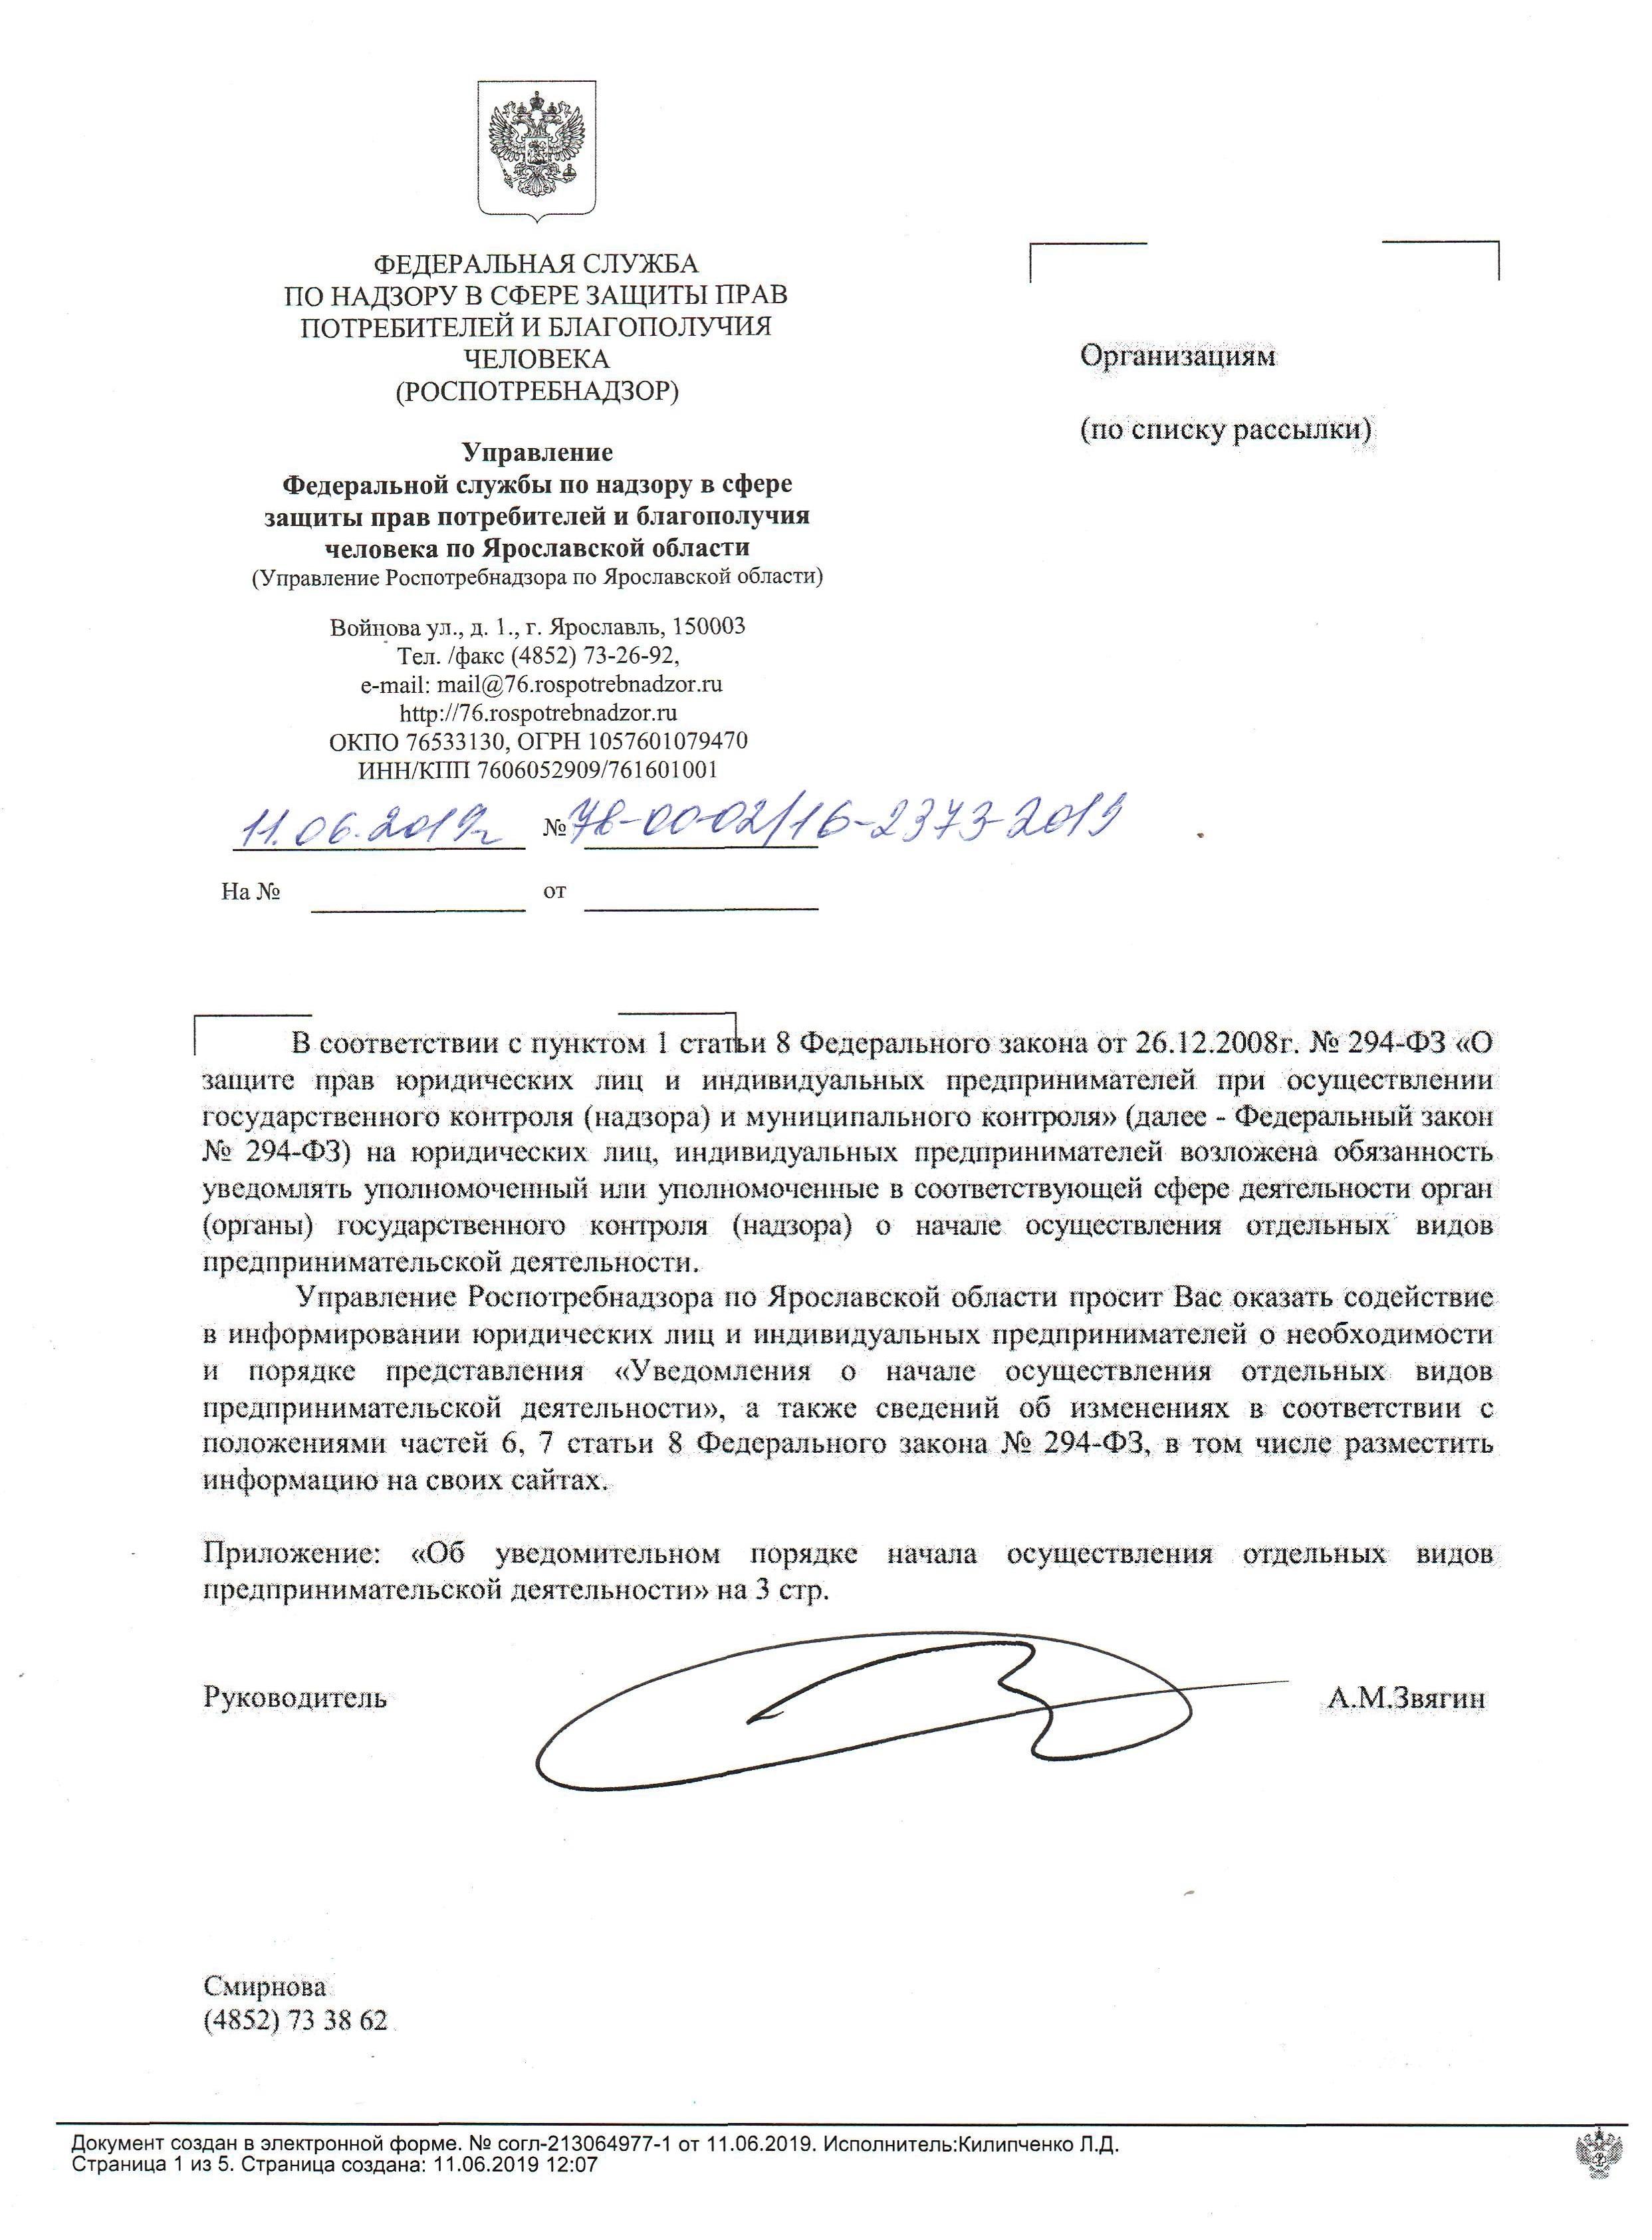 Уведомление Управления Роспотребнадзора по Ярославской области